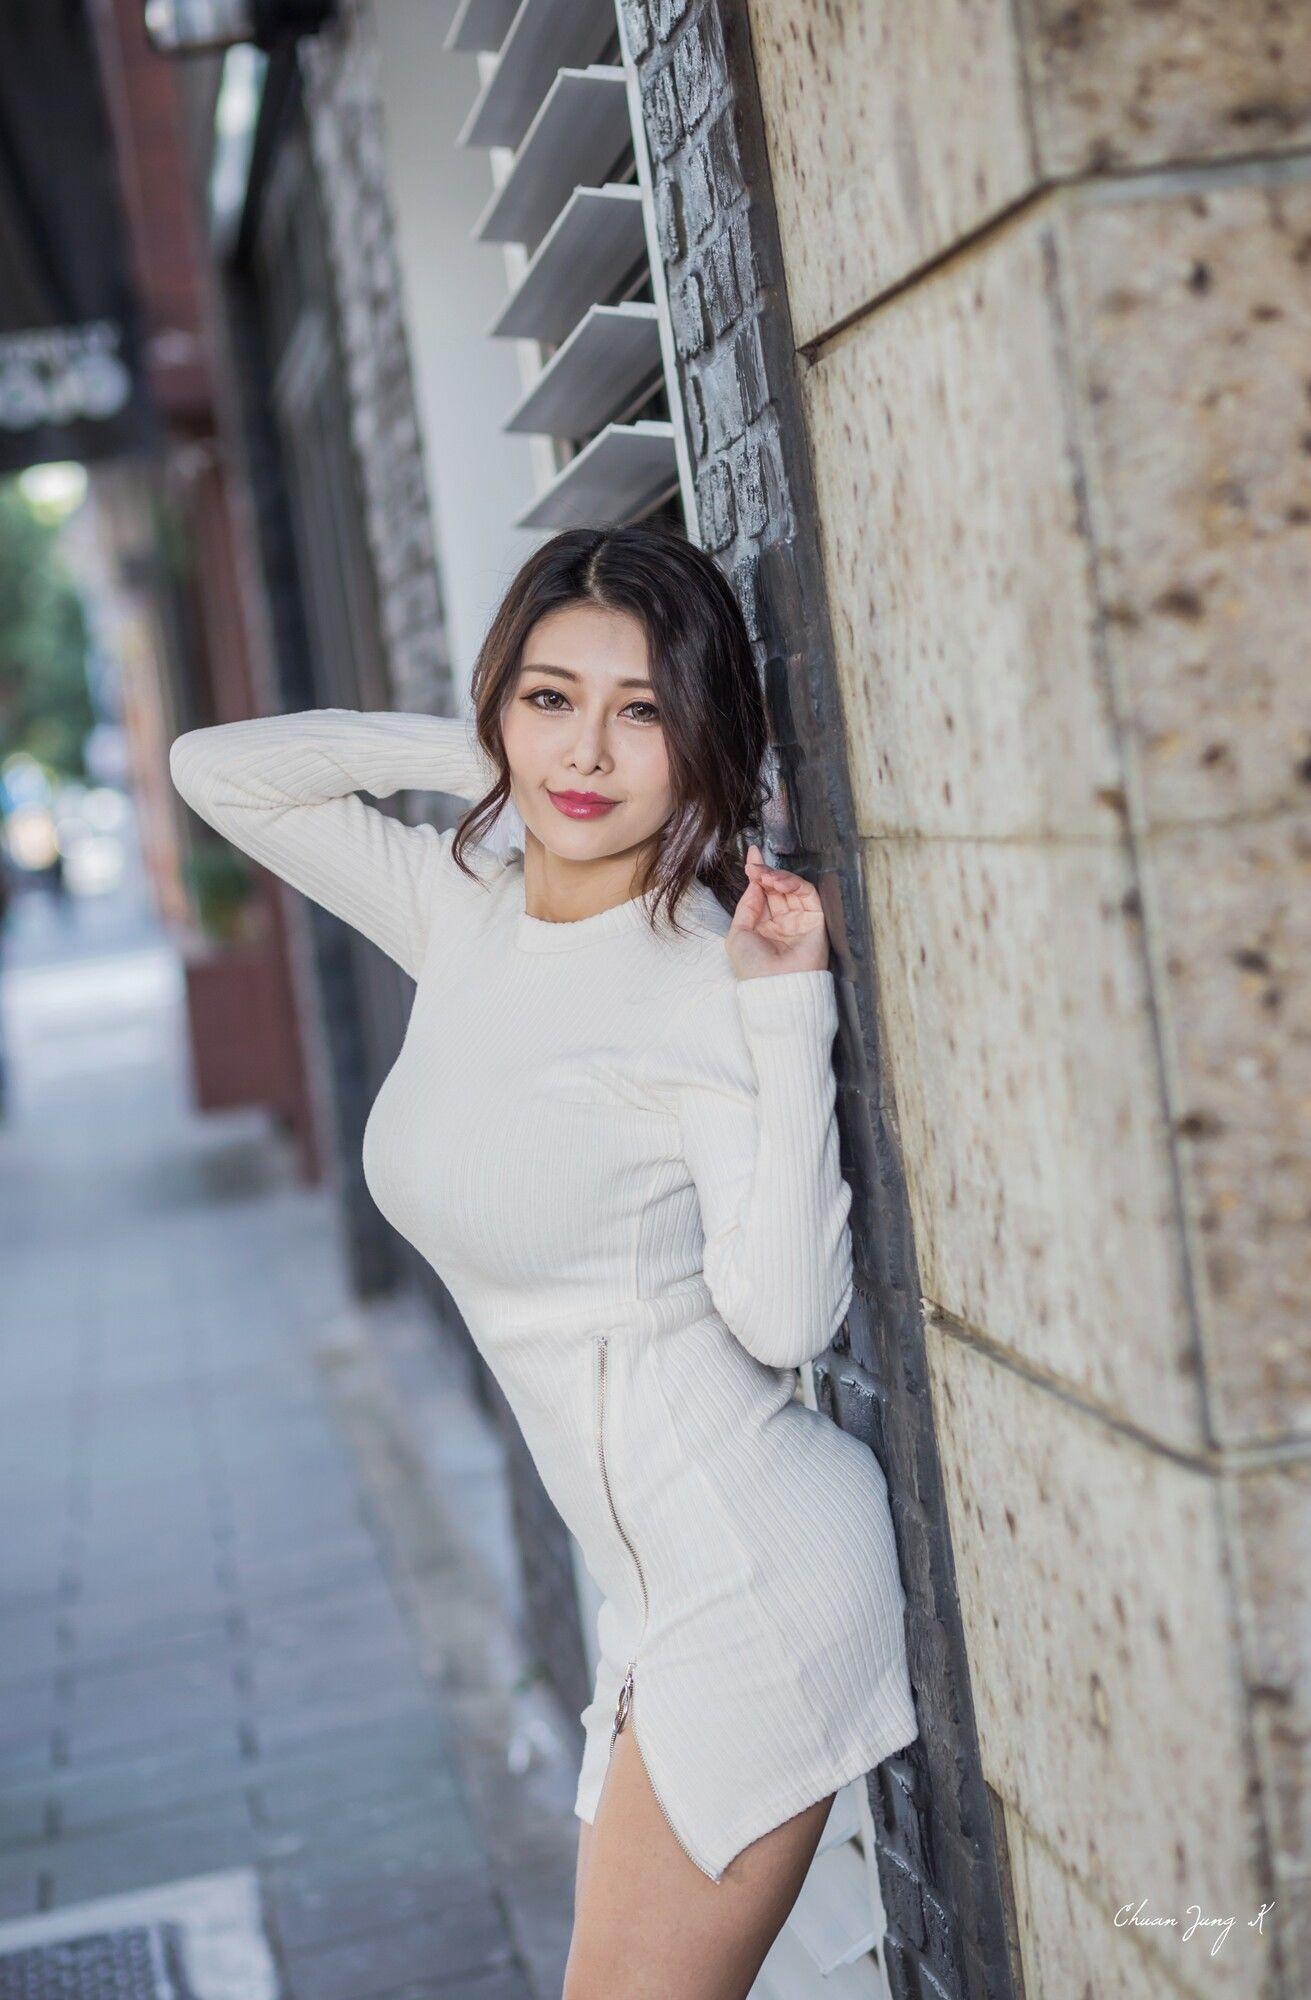 VOL.435 [台湾正妹]大胸街拍美臀街拍美腿街拍短裙:安希希超高清个人性感漂亮大图(31P)